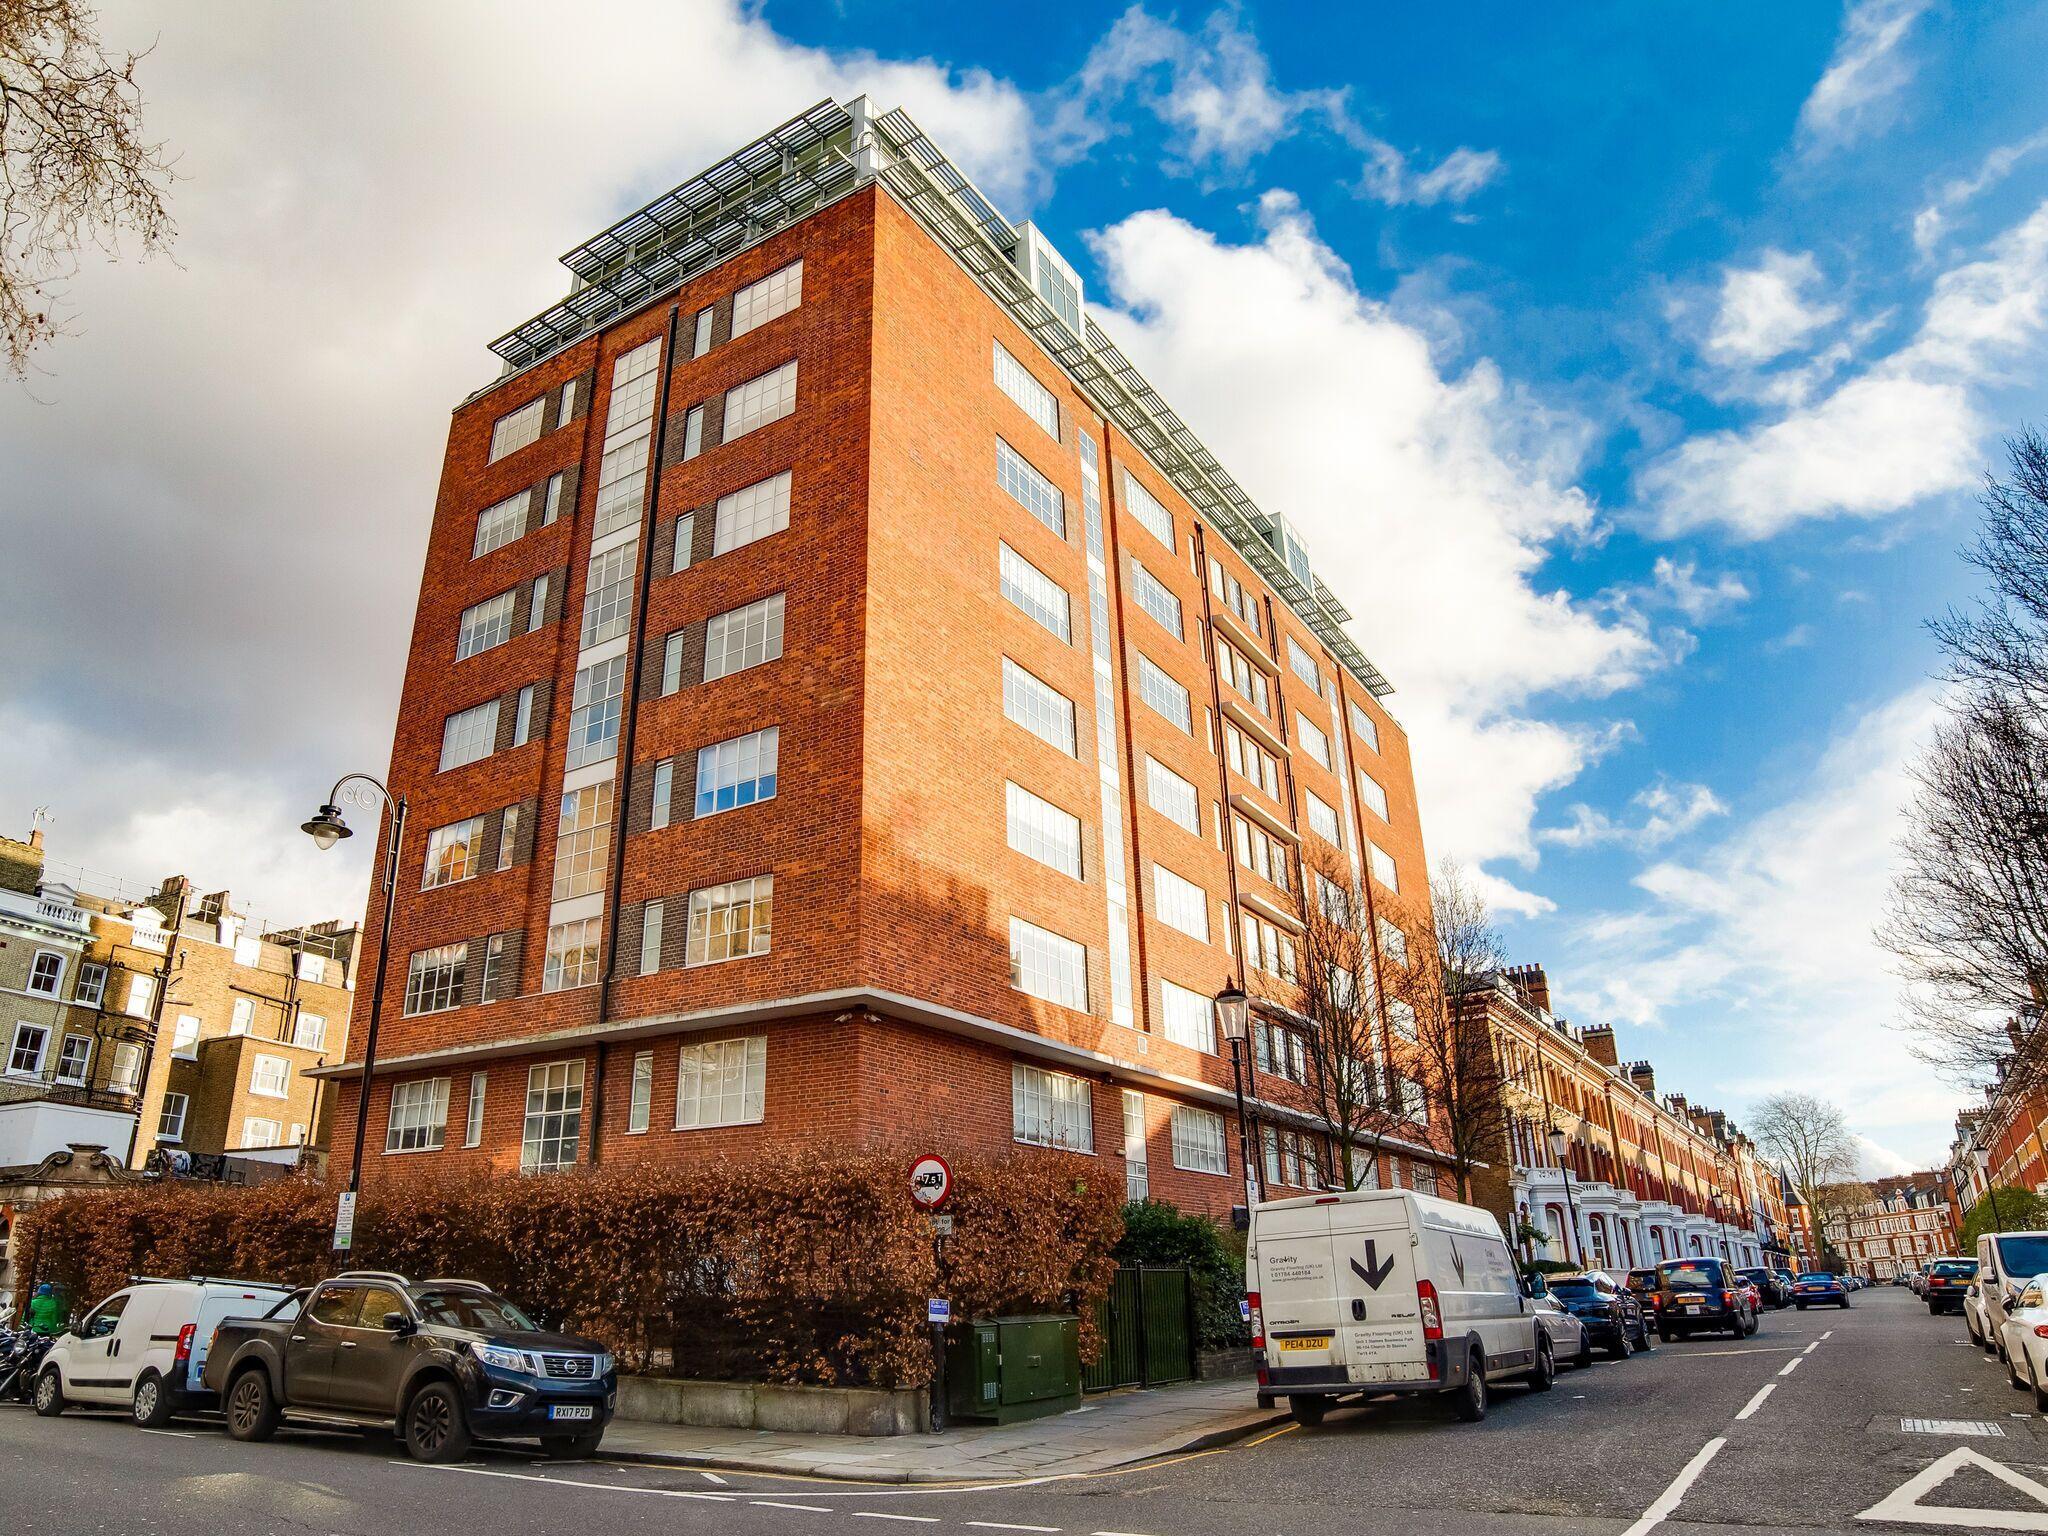 Delightful Apartment In London Near Wildlife Garden